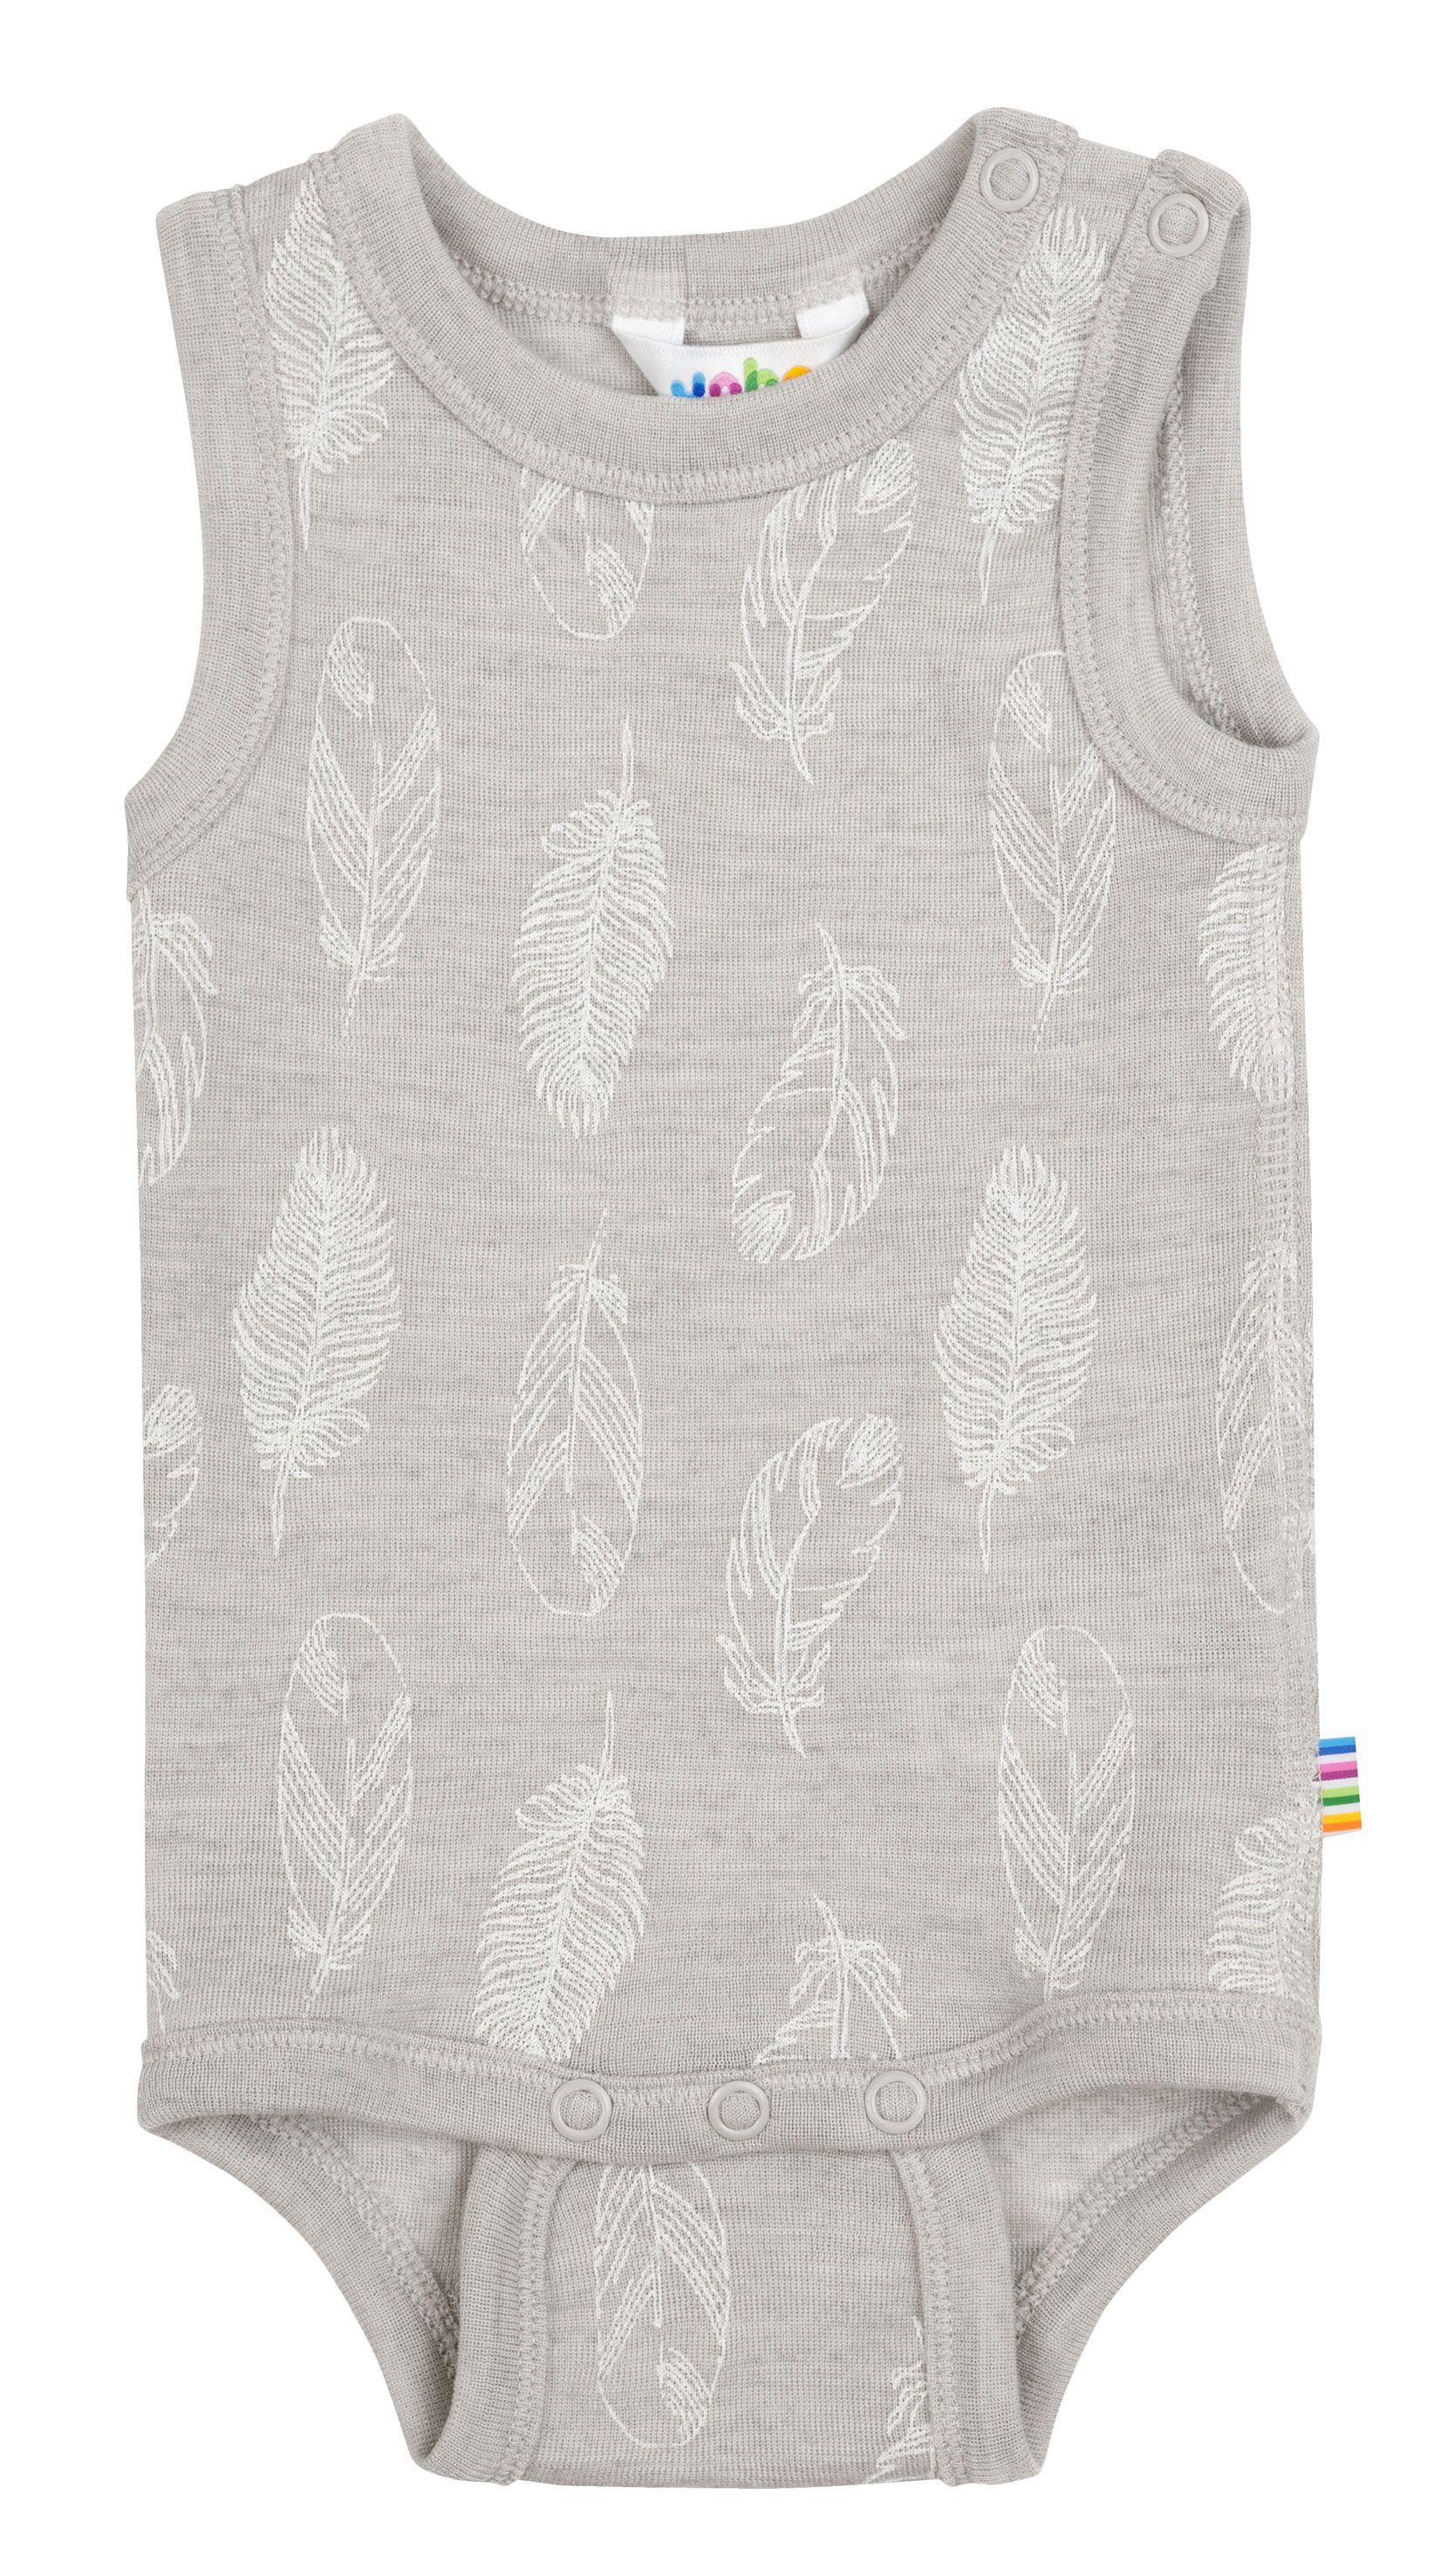 Image of Body uden ærmer fra Joha i uld-silke m. Grey Feathers (66122-195-3079)